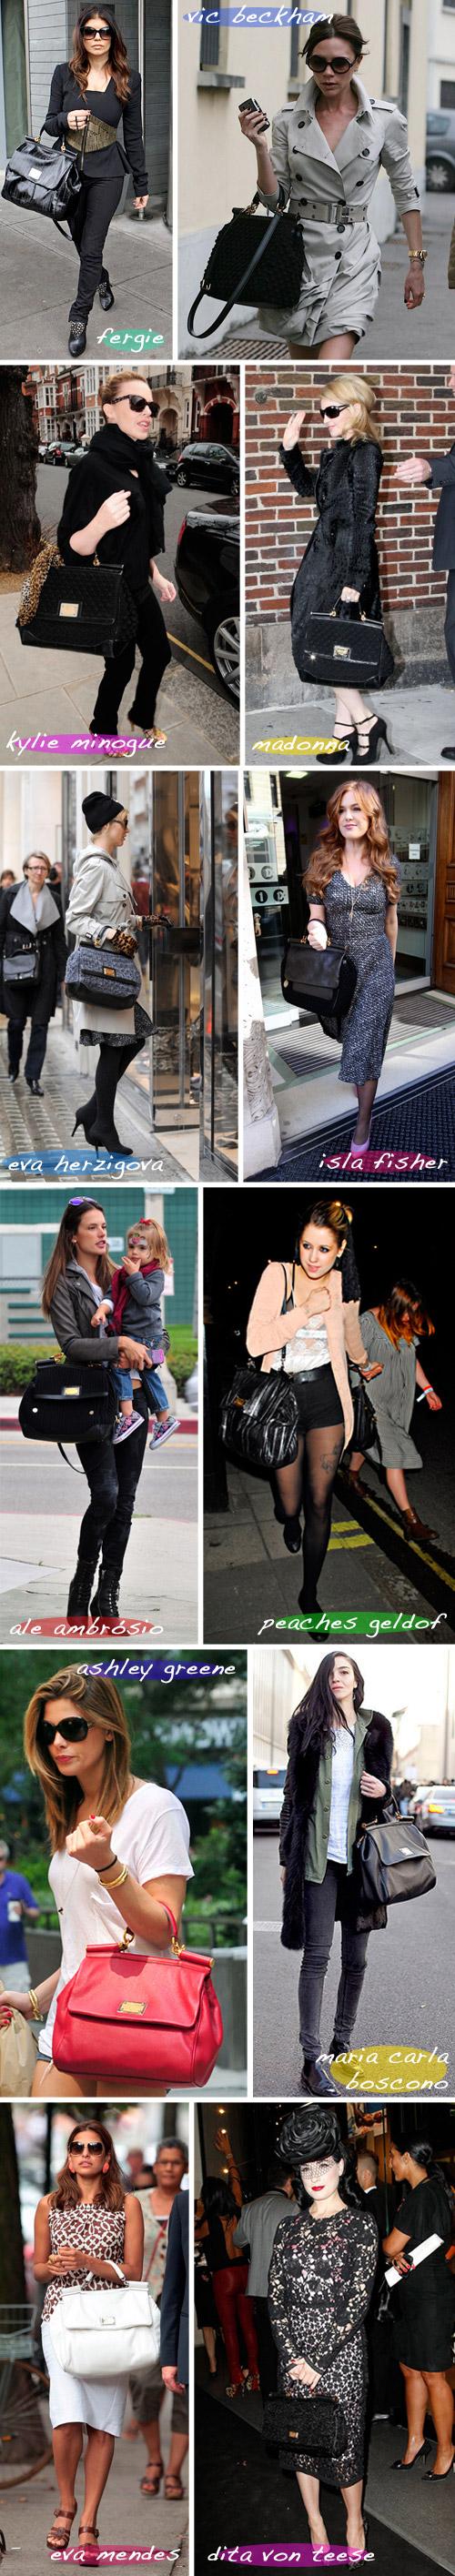 ab80732b408 Dentre as celebs que andam carregando a sua Miss Sicily por aí estão  Fergie